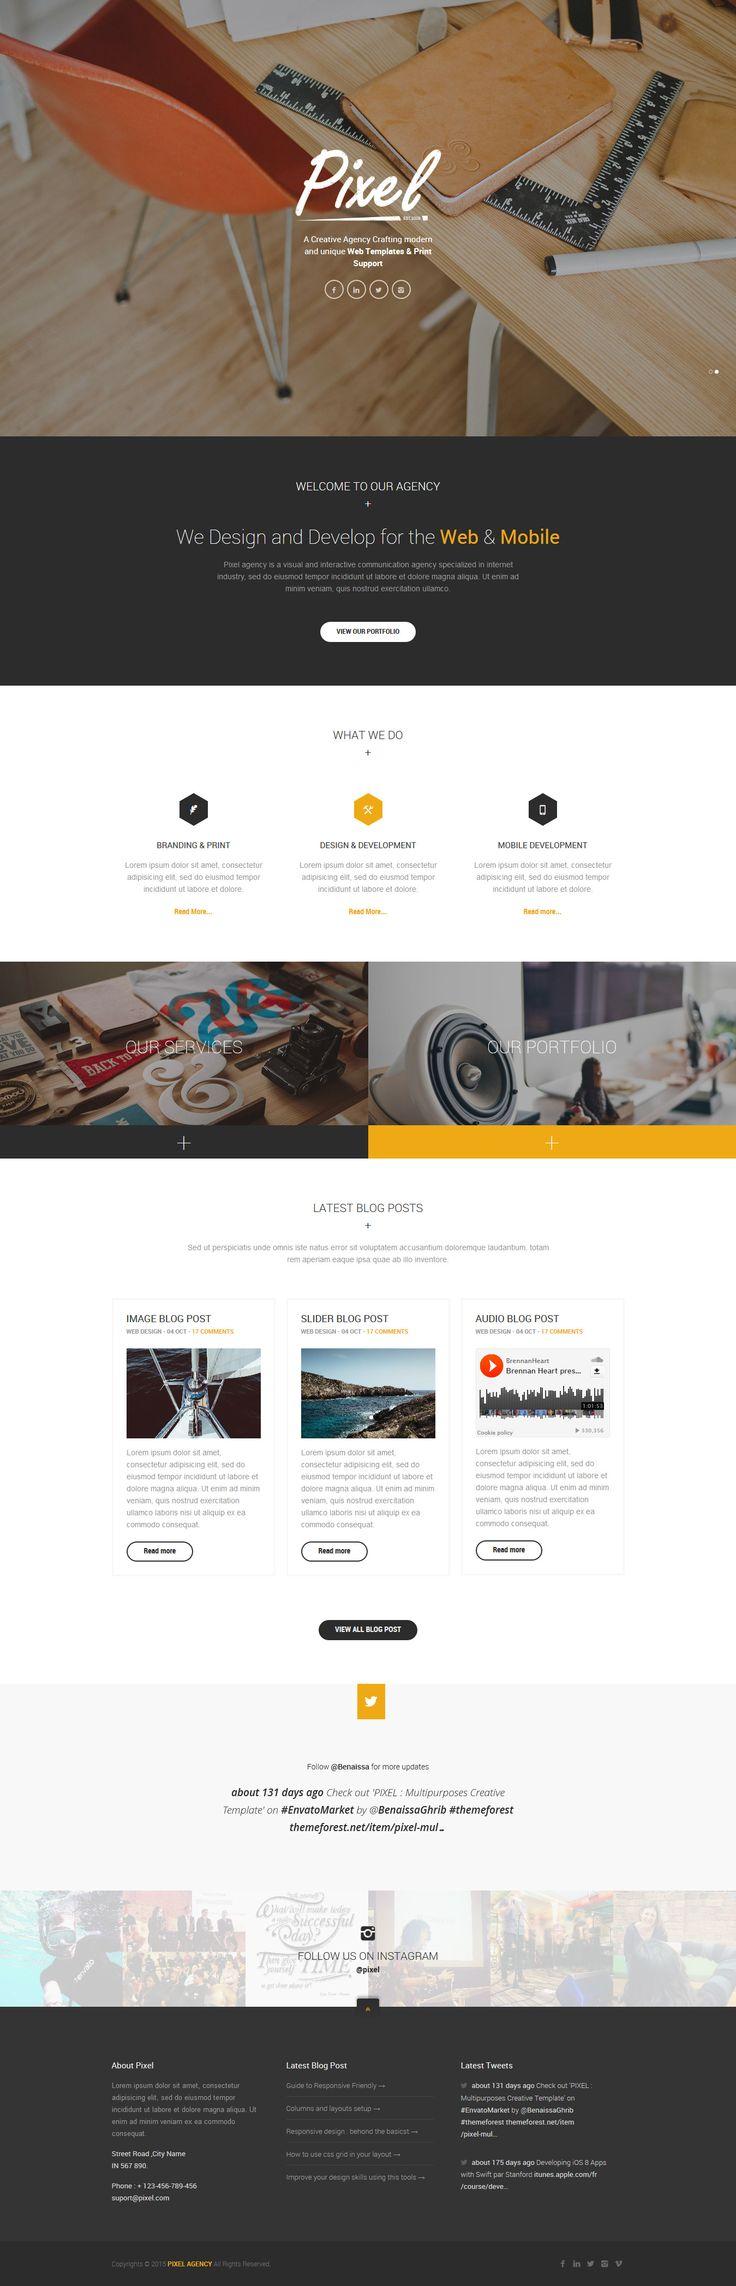 Niedlich Webdesign Zitat Vorlage Galerie - Entry Level Resume ...